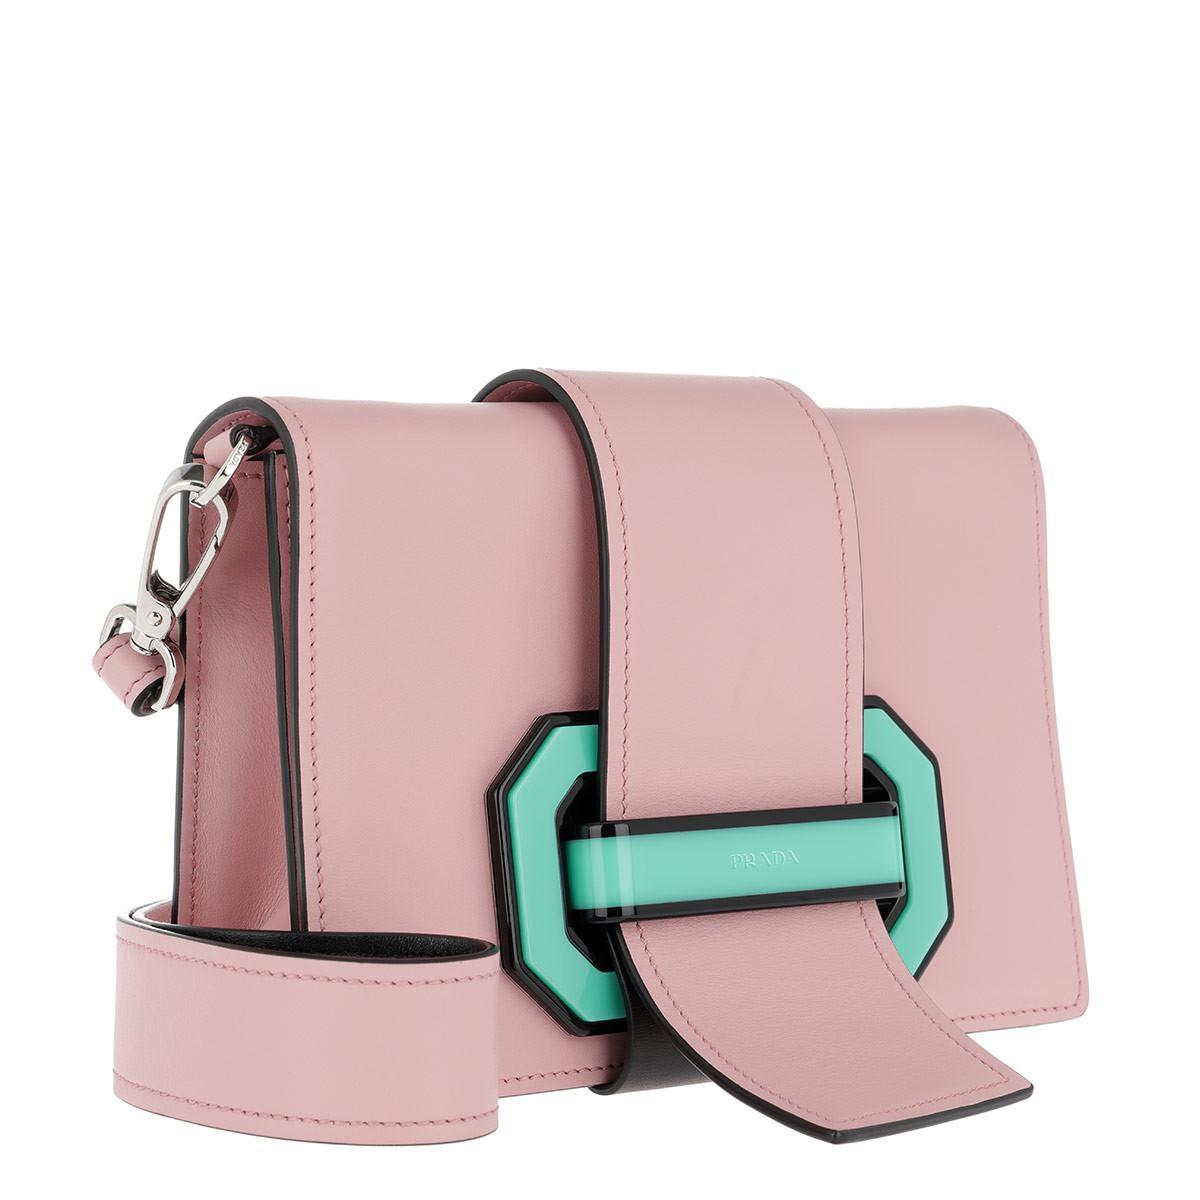 b497a116ea ... usa prada plex ribbon crossbody bag rose multi in pink lyst 7193f 89087